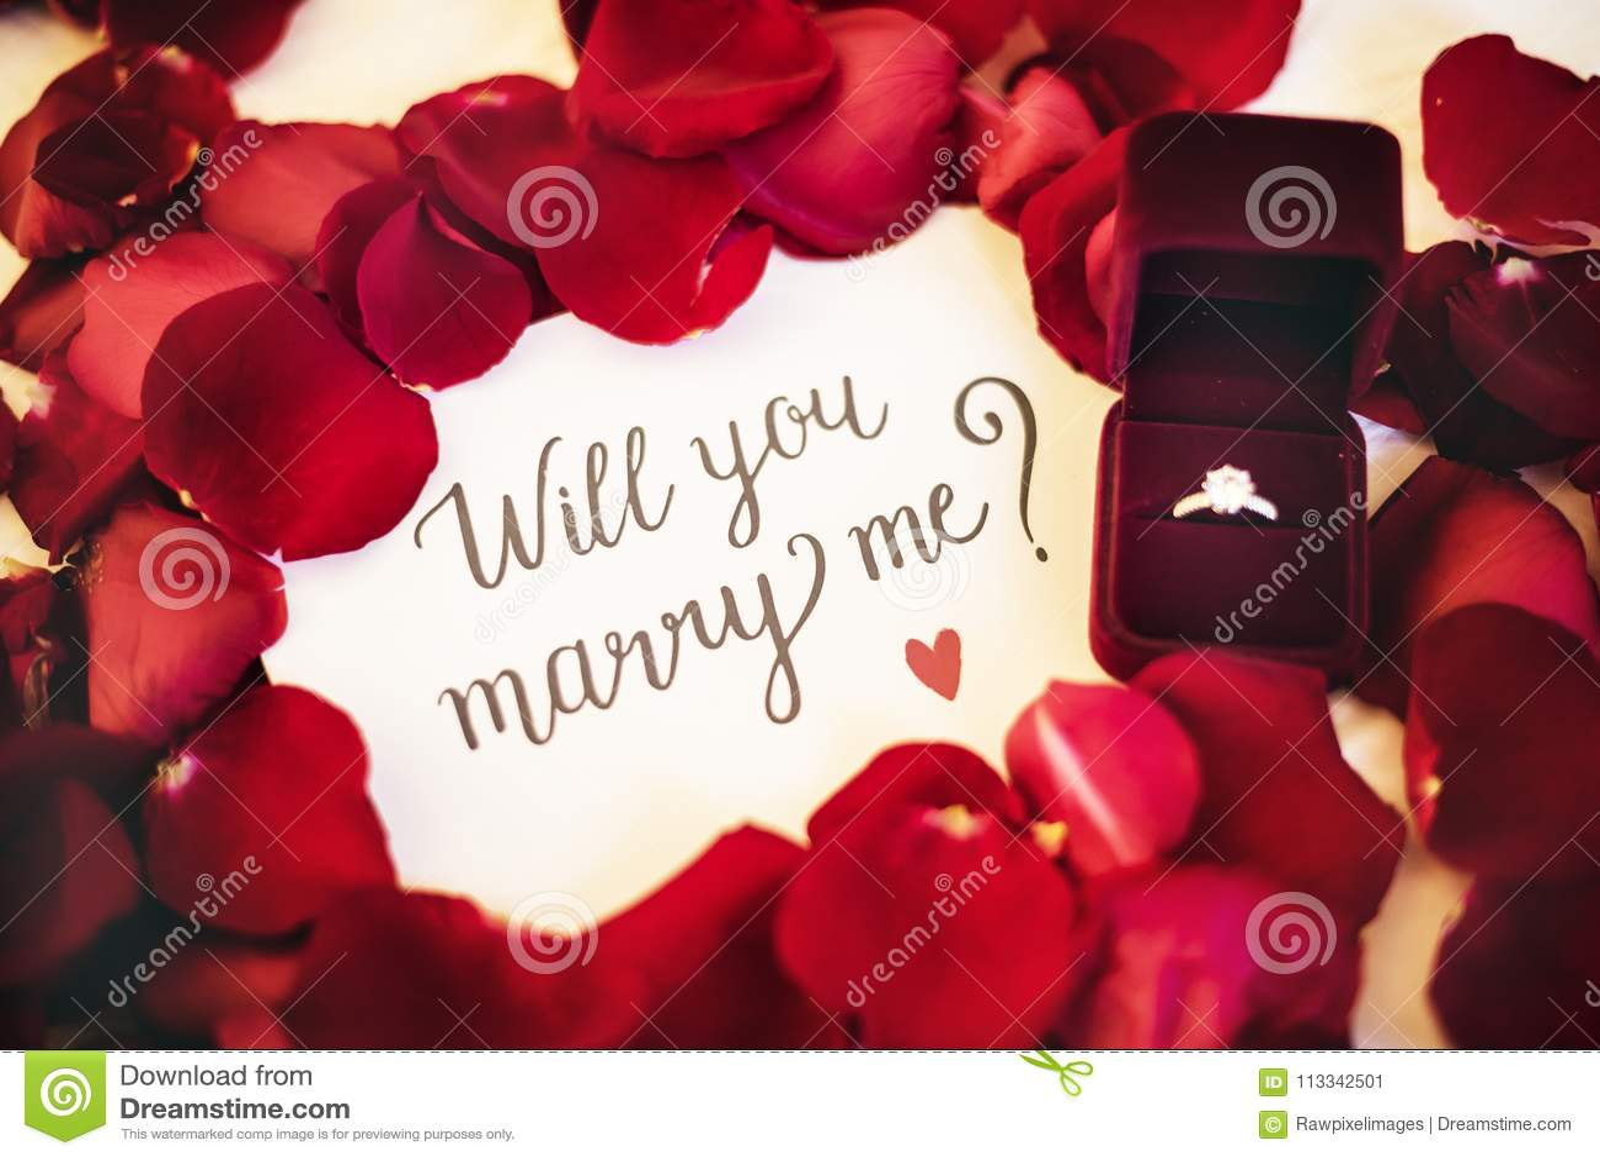 wedding proposal writing